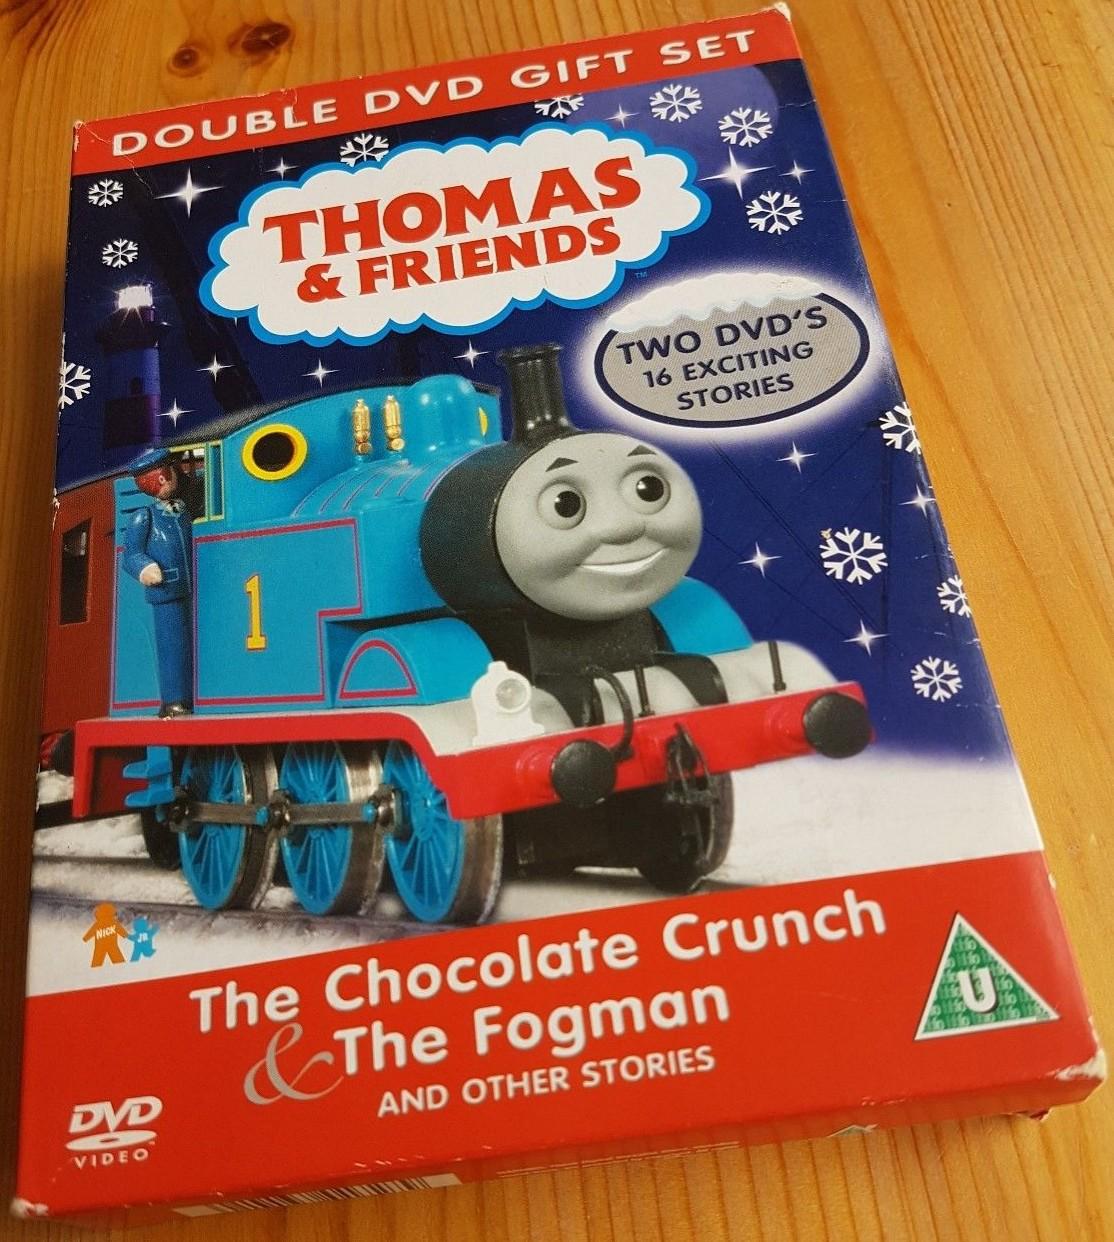 Double DVD Gift Set